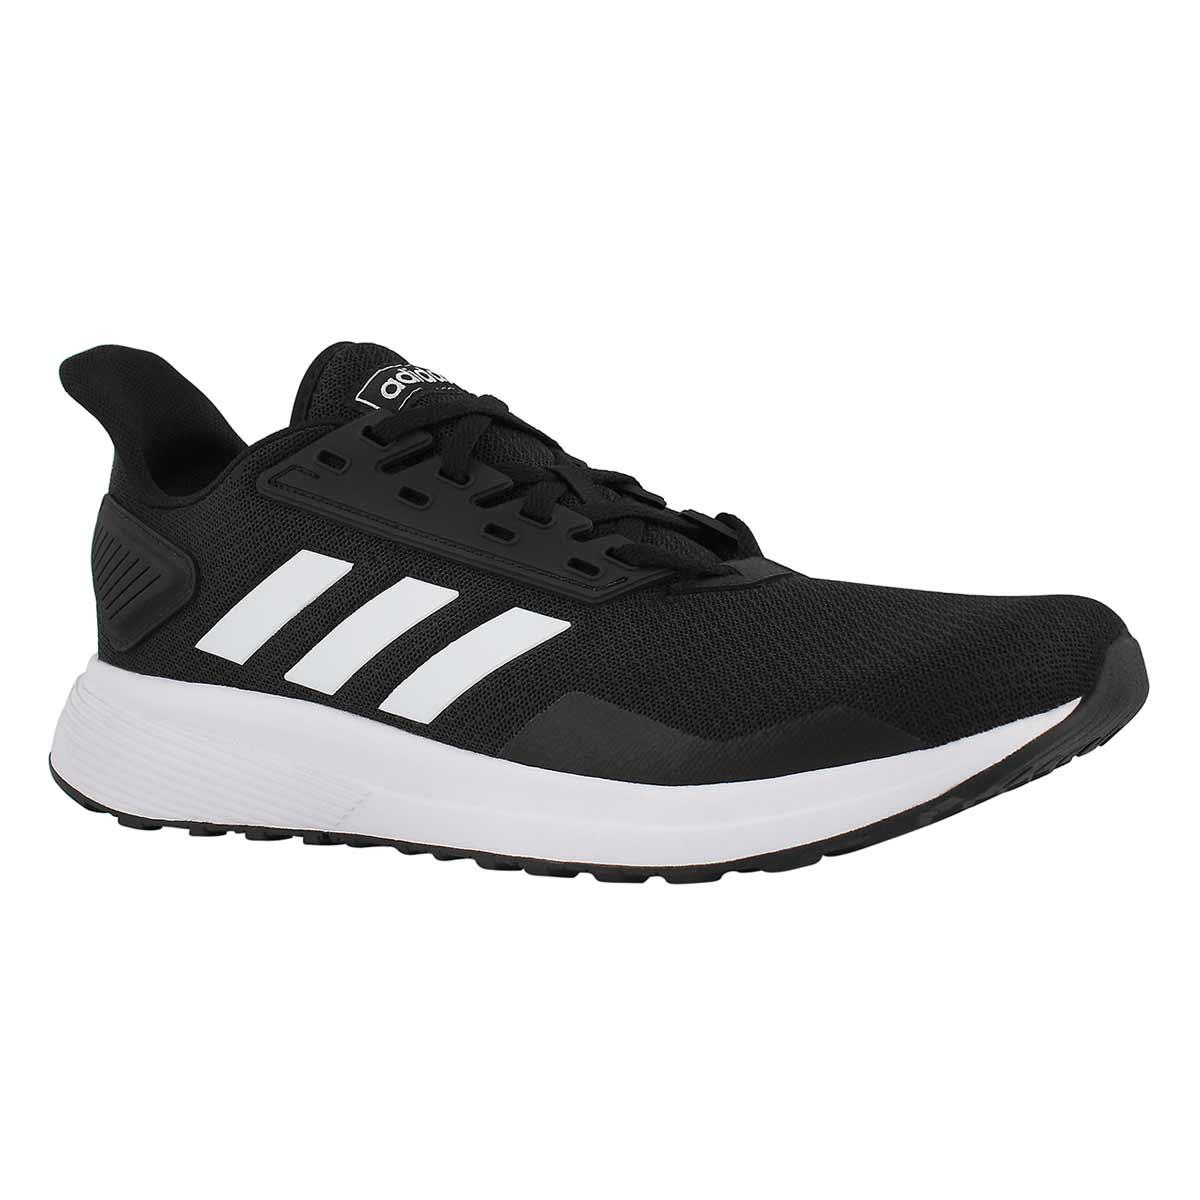 Mns Duramo 9 black/white running shoe